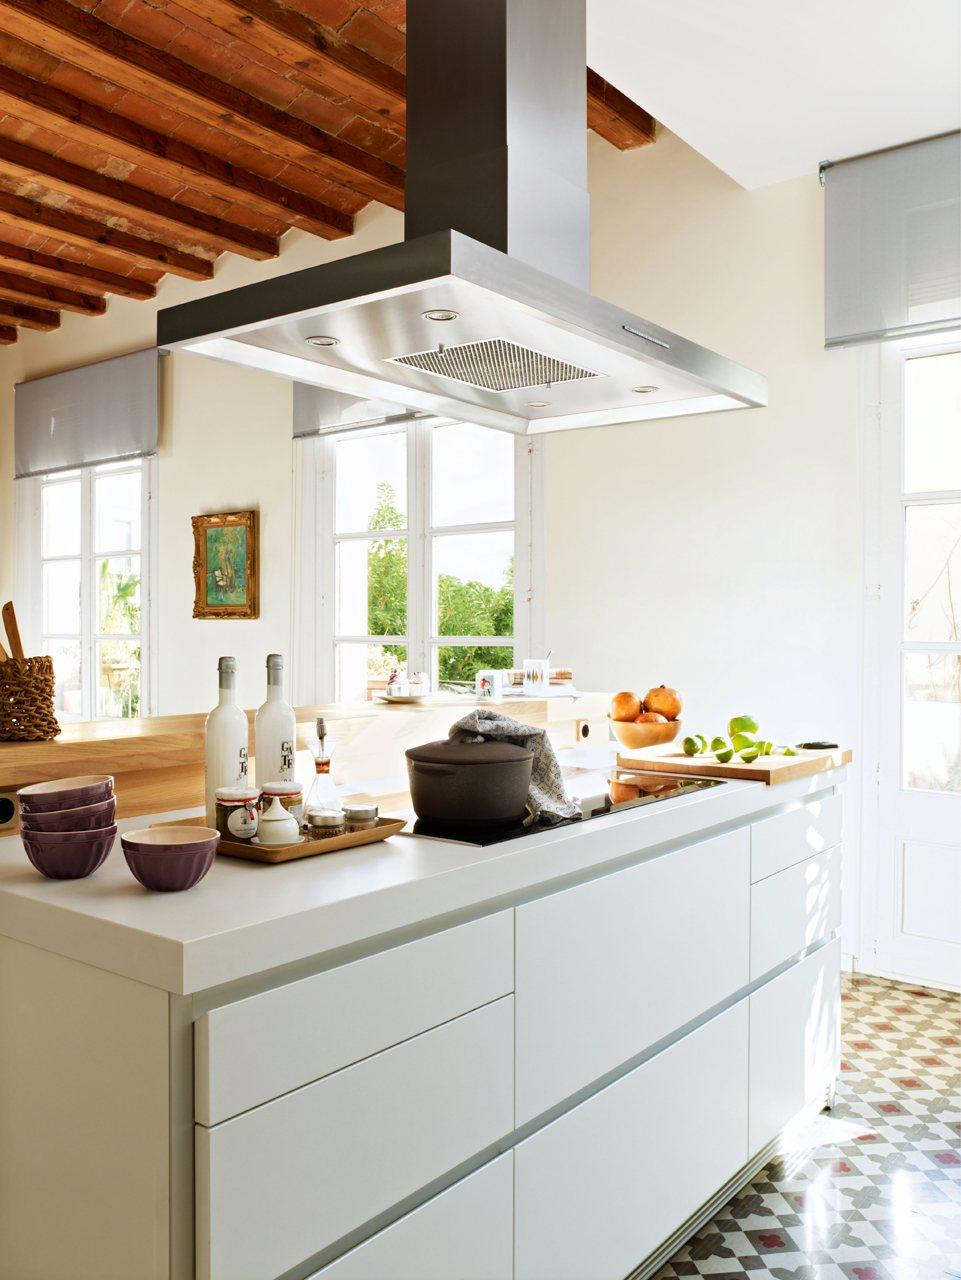 10 piezas m gicas para renovar la casa - Cocinas con campanas decorativas ...